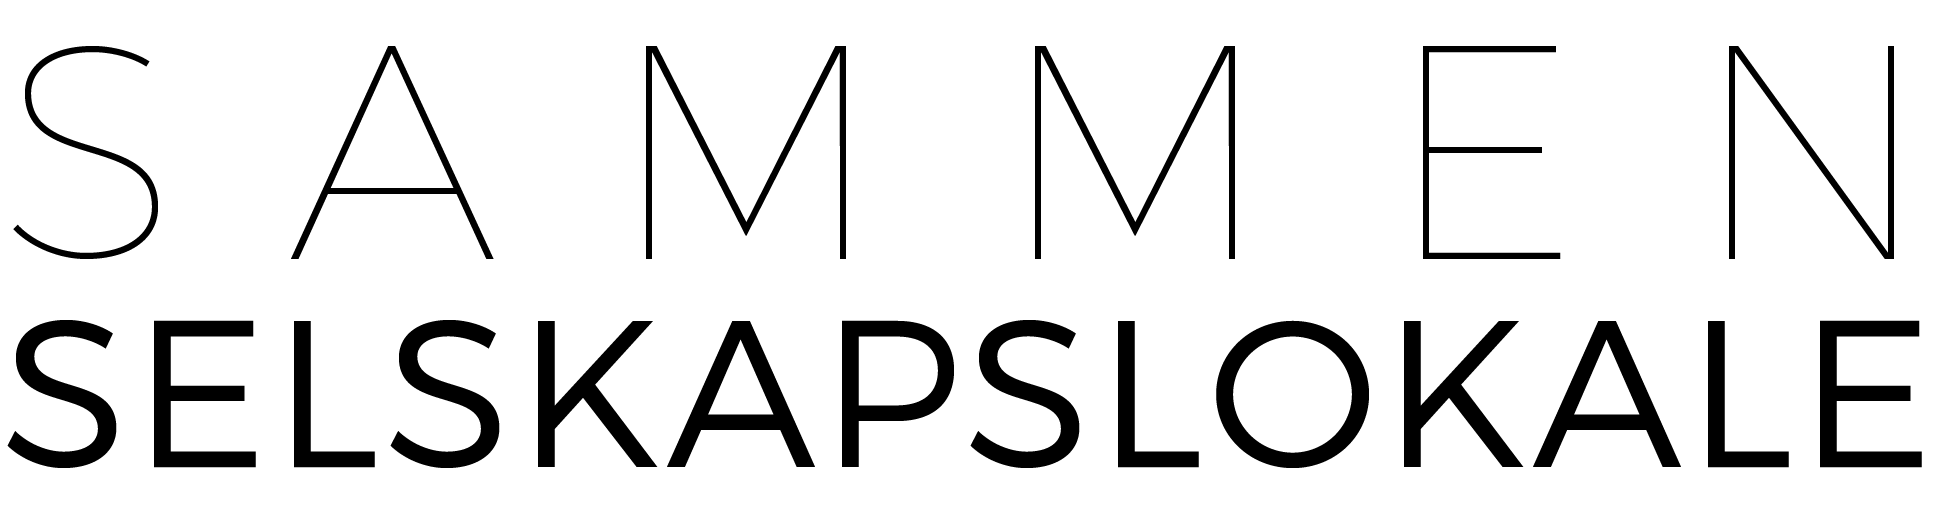 Sammen selskapslokale logo.png